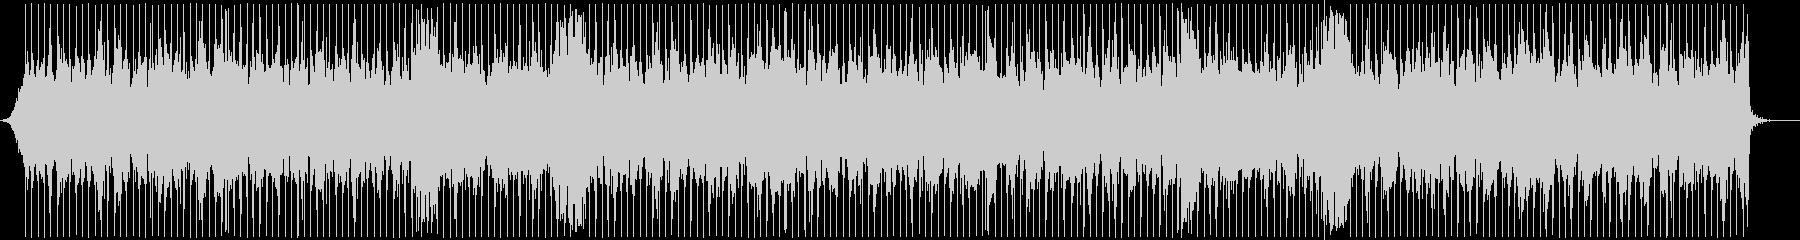 【プレイバック】oldFunk BGMの未再生の波形